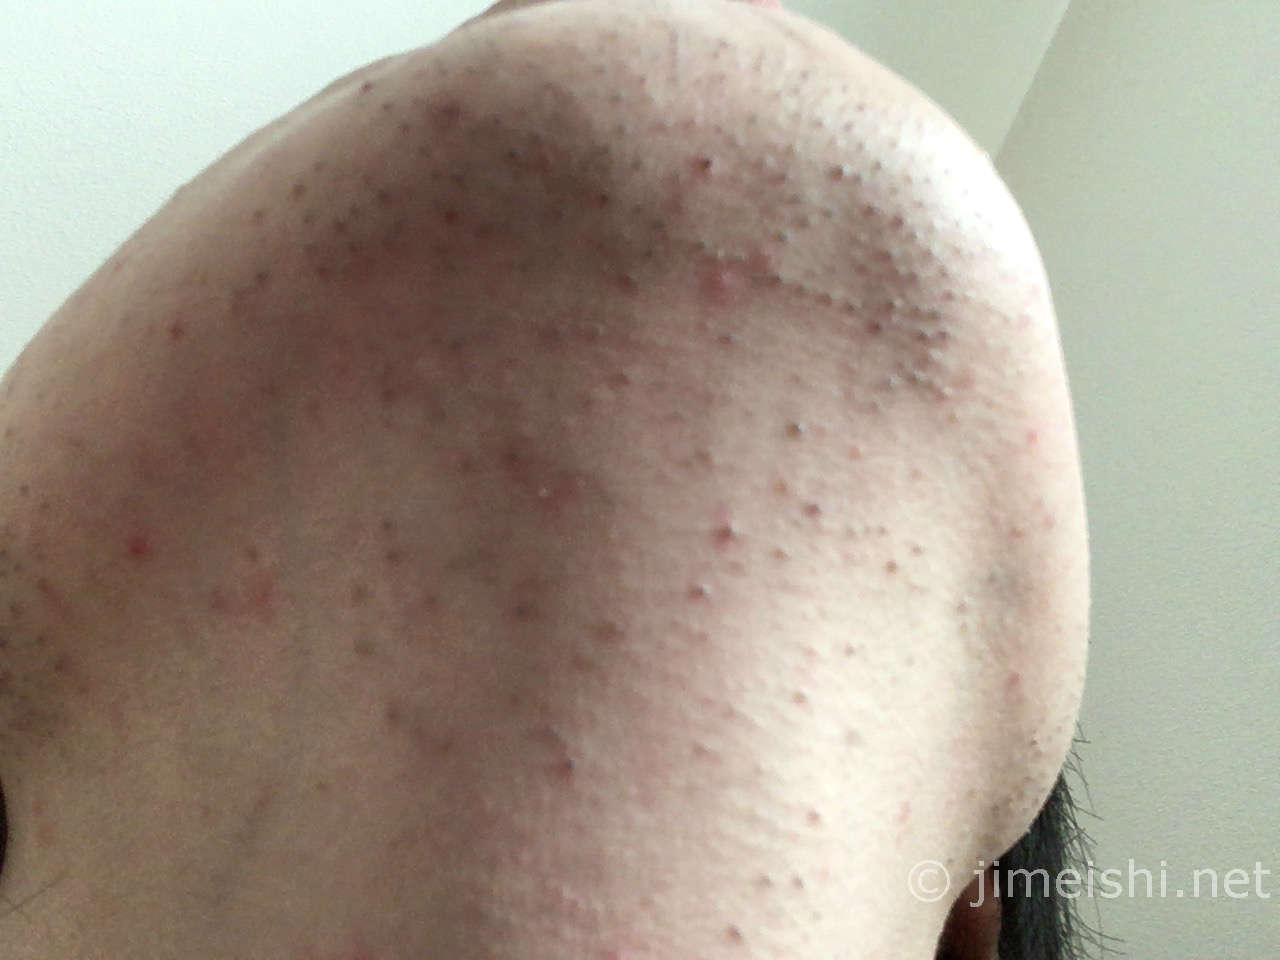 ひげ剃り後顎下写真